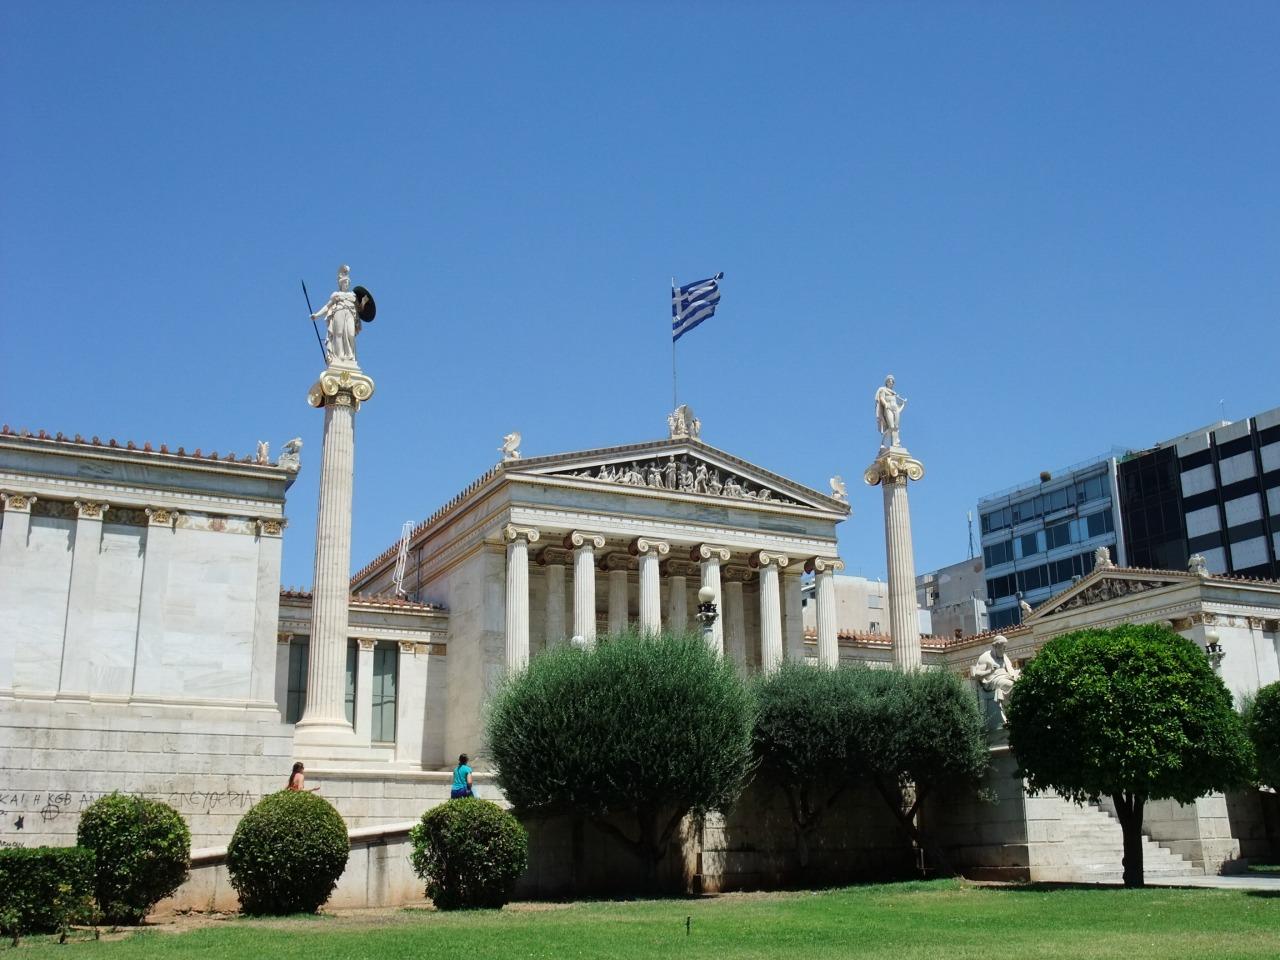 写真・図版 : ギリシャ学術院(アカデミア)。円柱の上には女神アテナと太陽神アポロンの像が青空に美しく映える。入口にはソクラテスとプラトンの像がある。古代ギリシャの偉人たちは名前のみだった